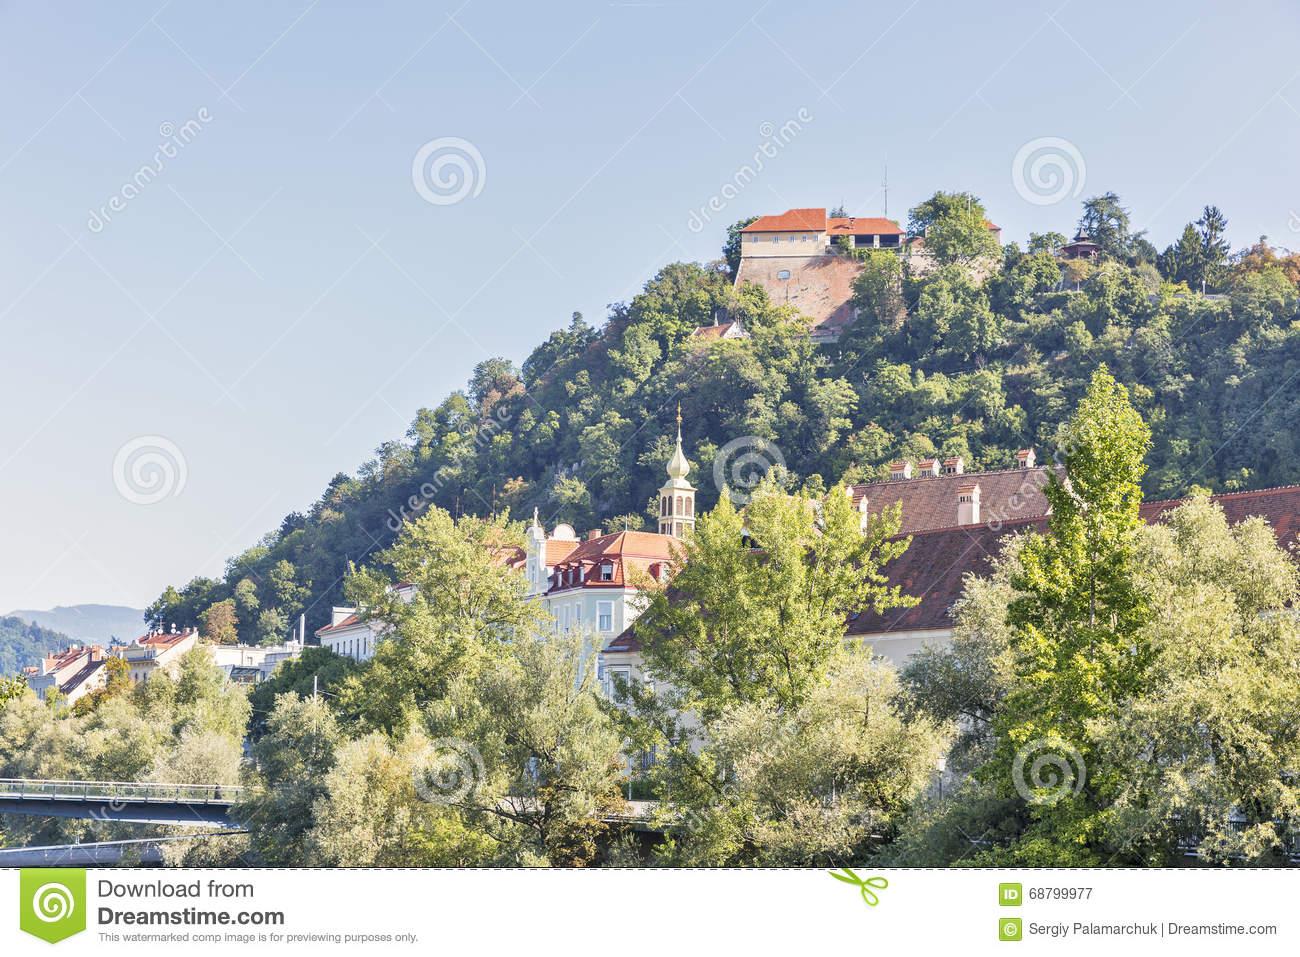 Graz mountain clipart #16